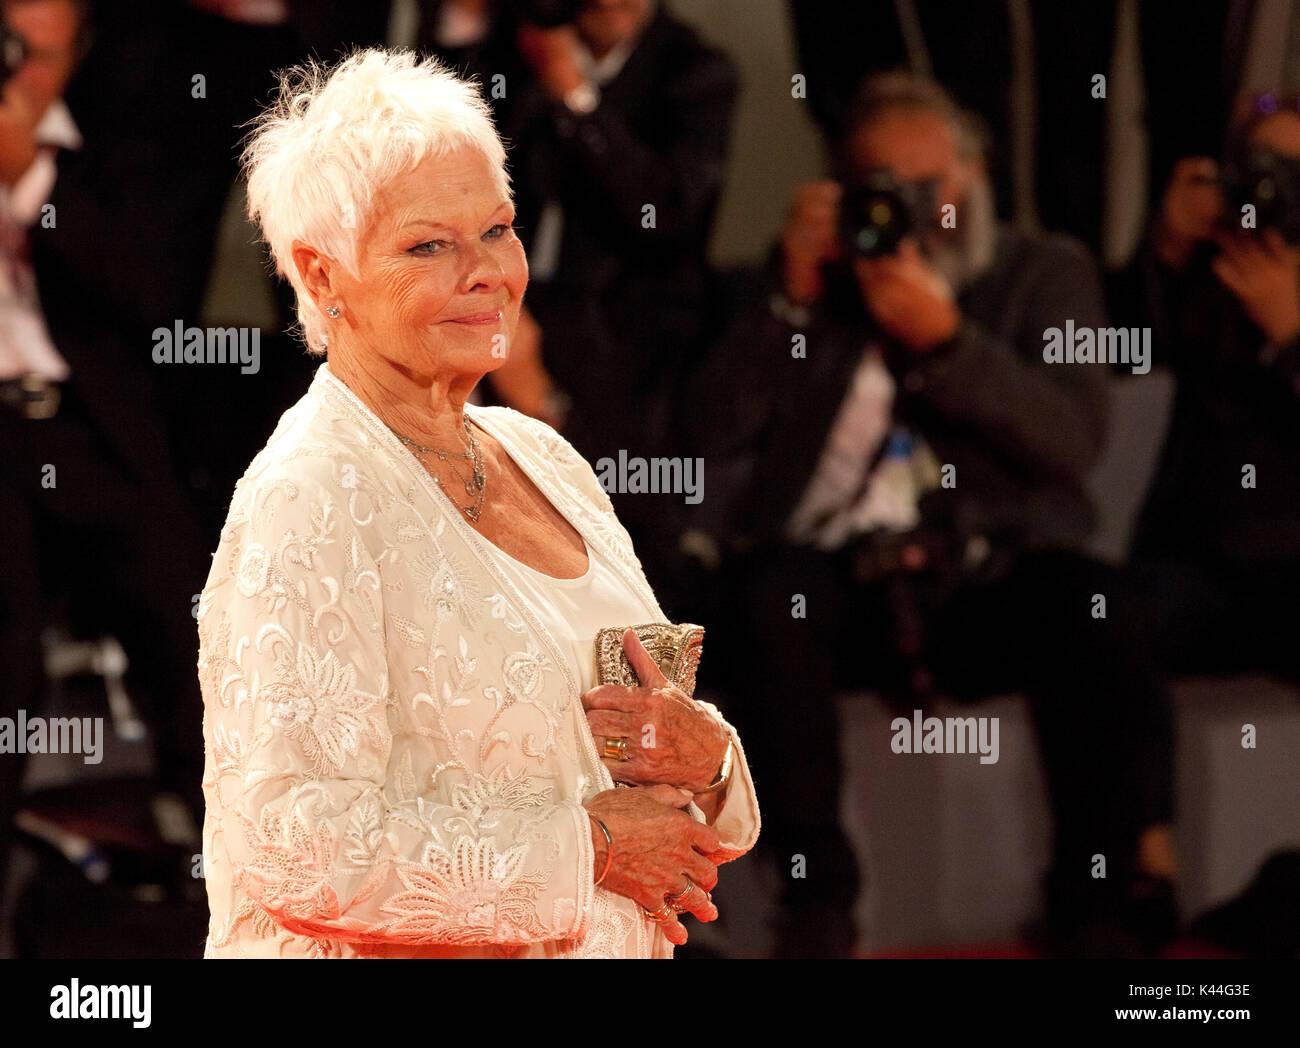 Judi Dench à la première du film Victoria & Abdul à la 74e Festival du Film de Venise, la Sala Grande le dimanche Banque D'Images